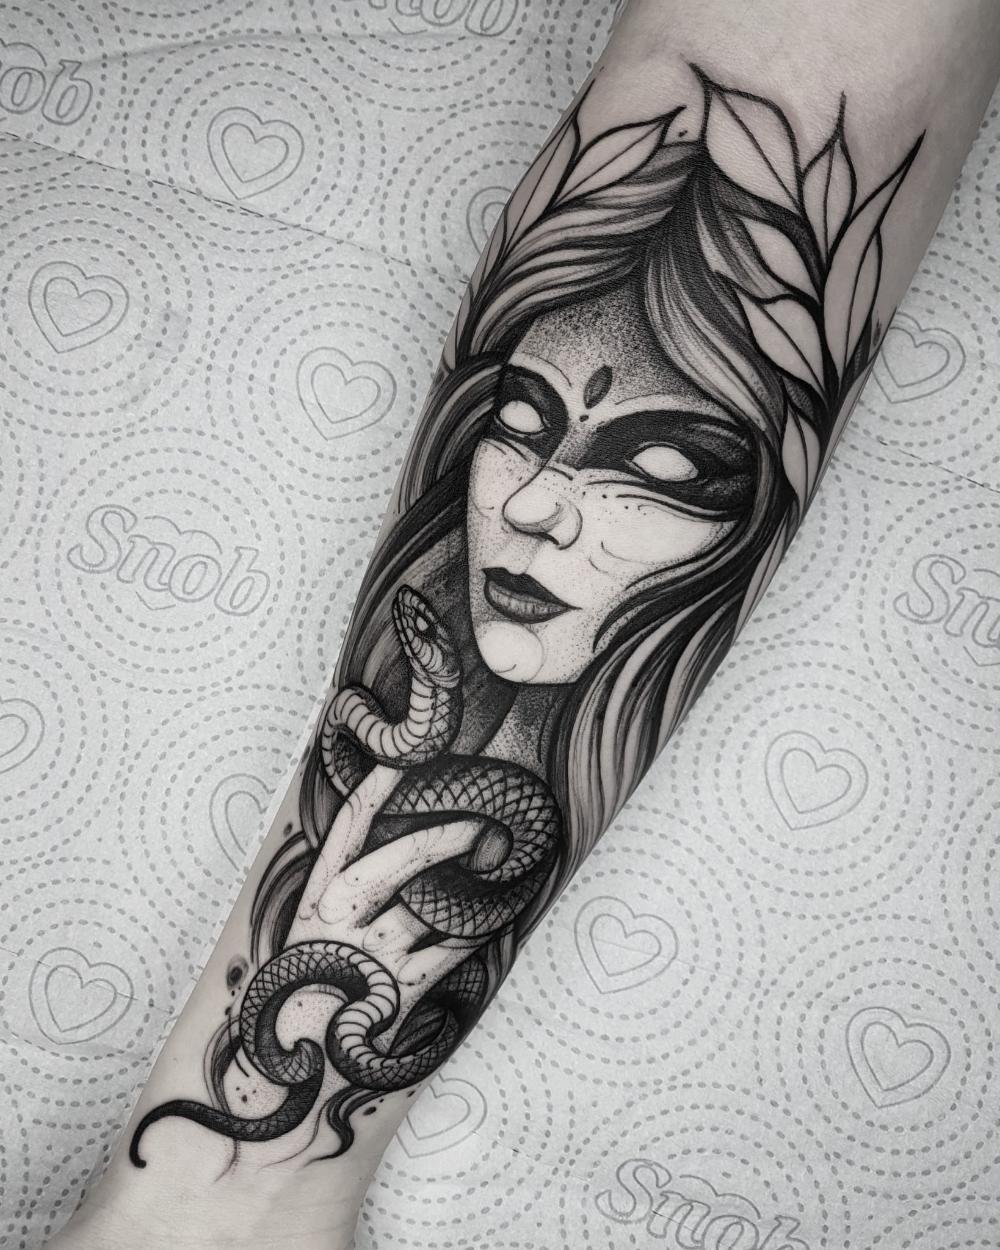 25 tatuadores brasileiros que fazem tatuagens em Blackwork - Blog Tattoo2me